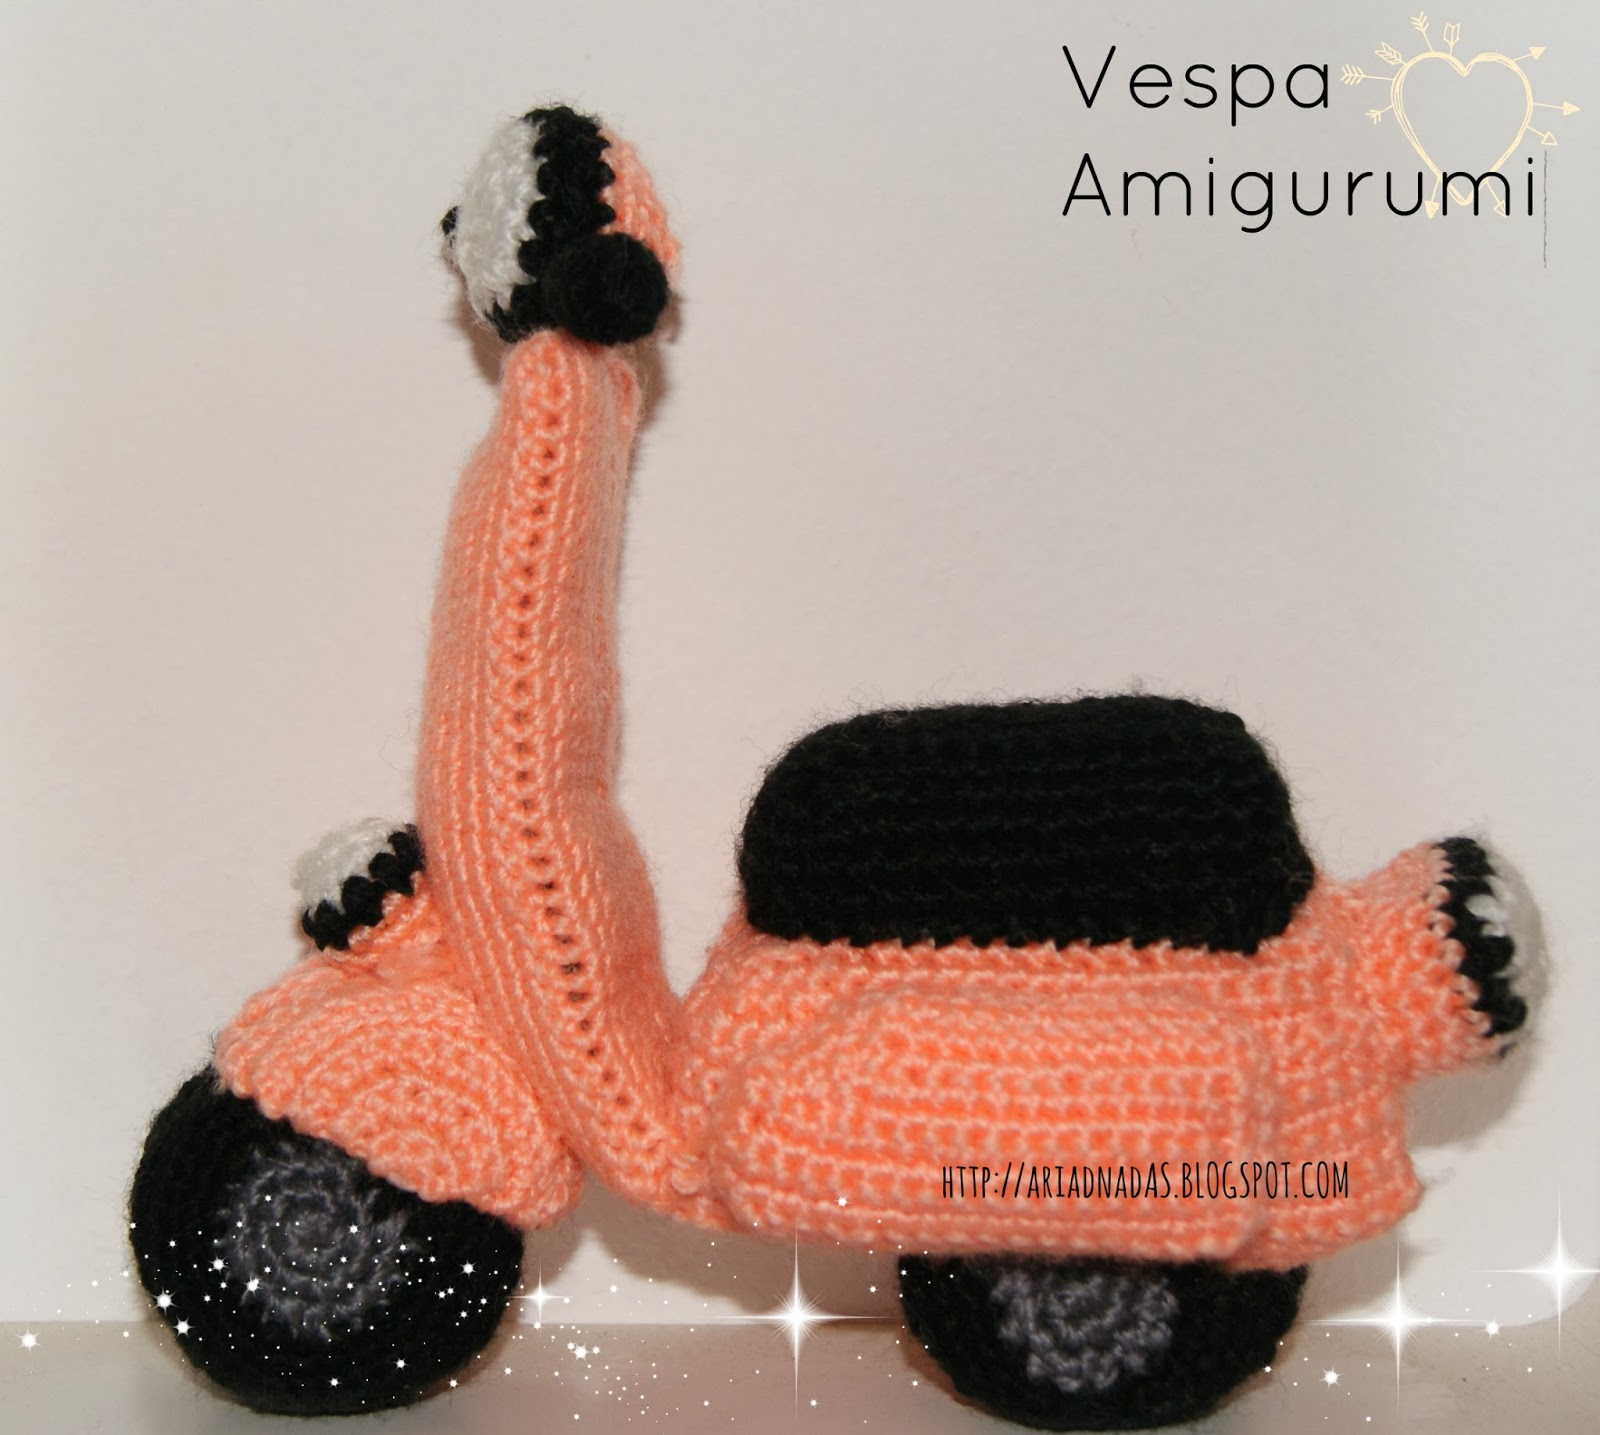 Ariadnadas: Vespa Amigurumi